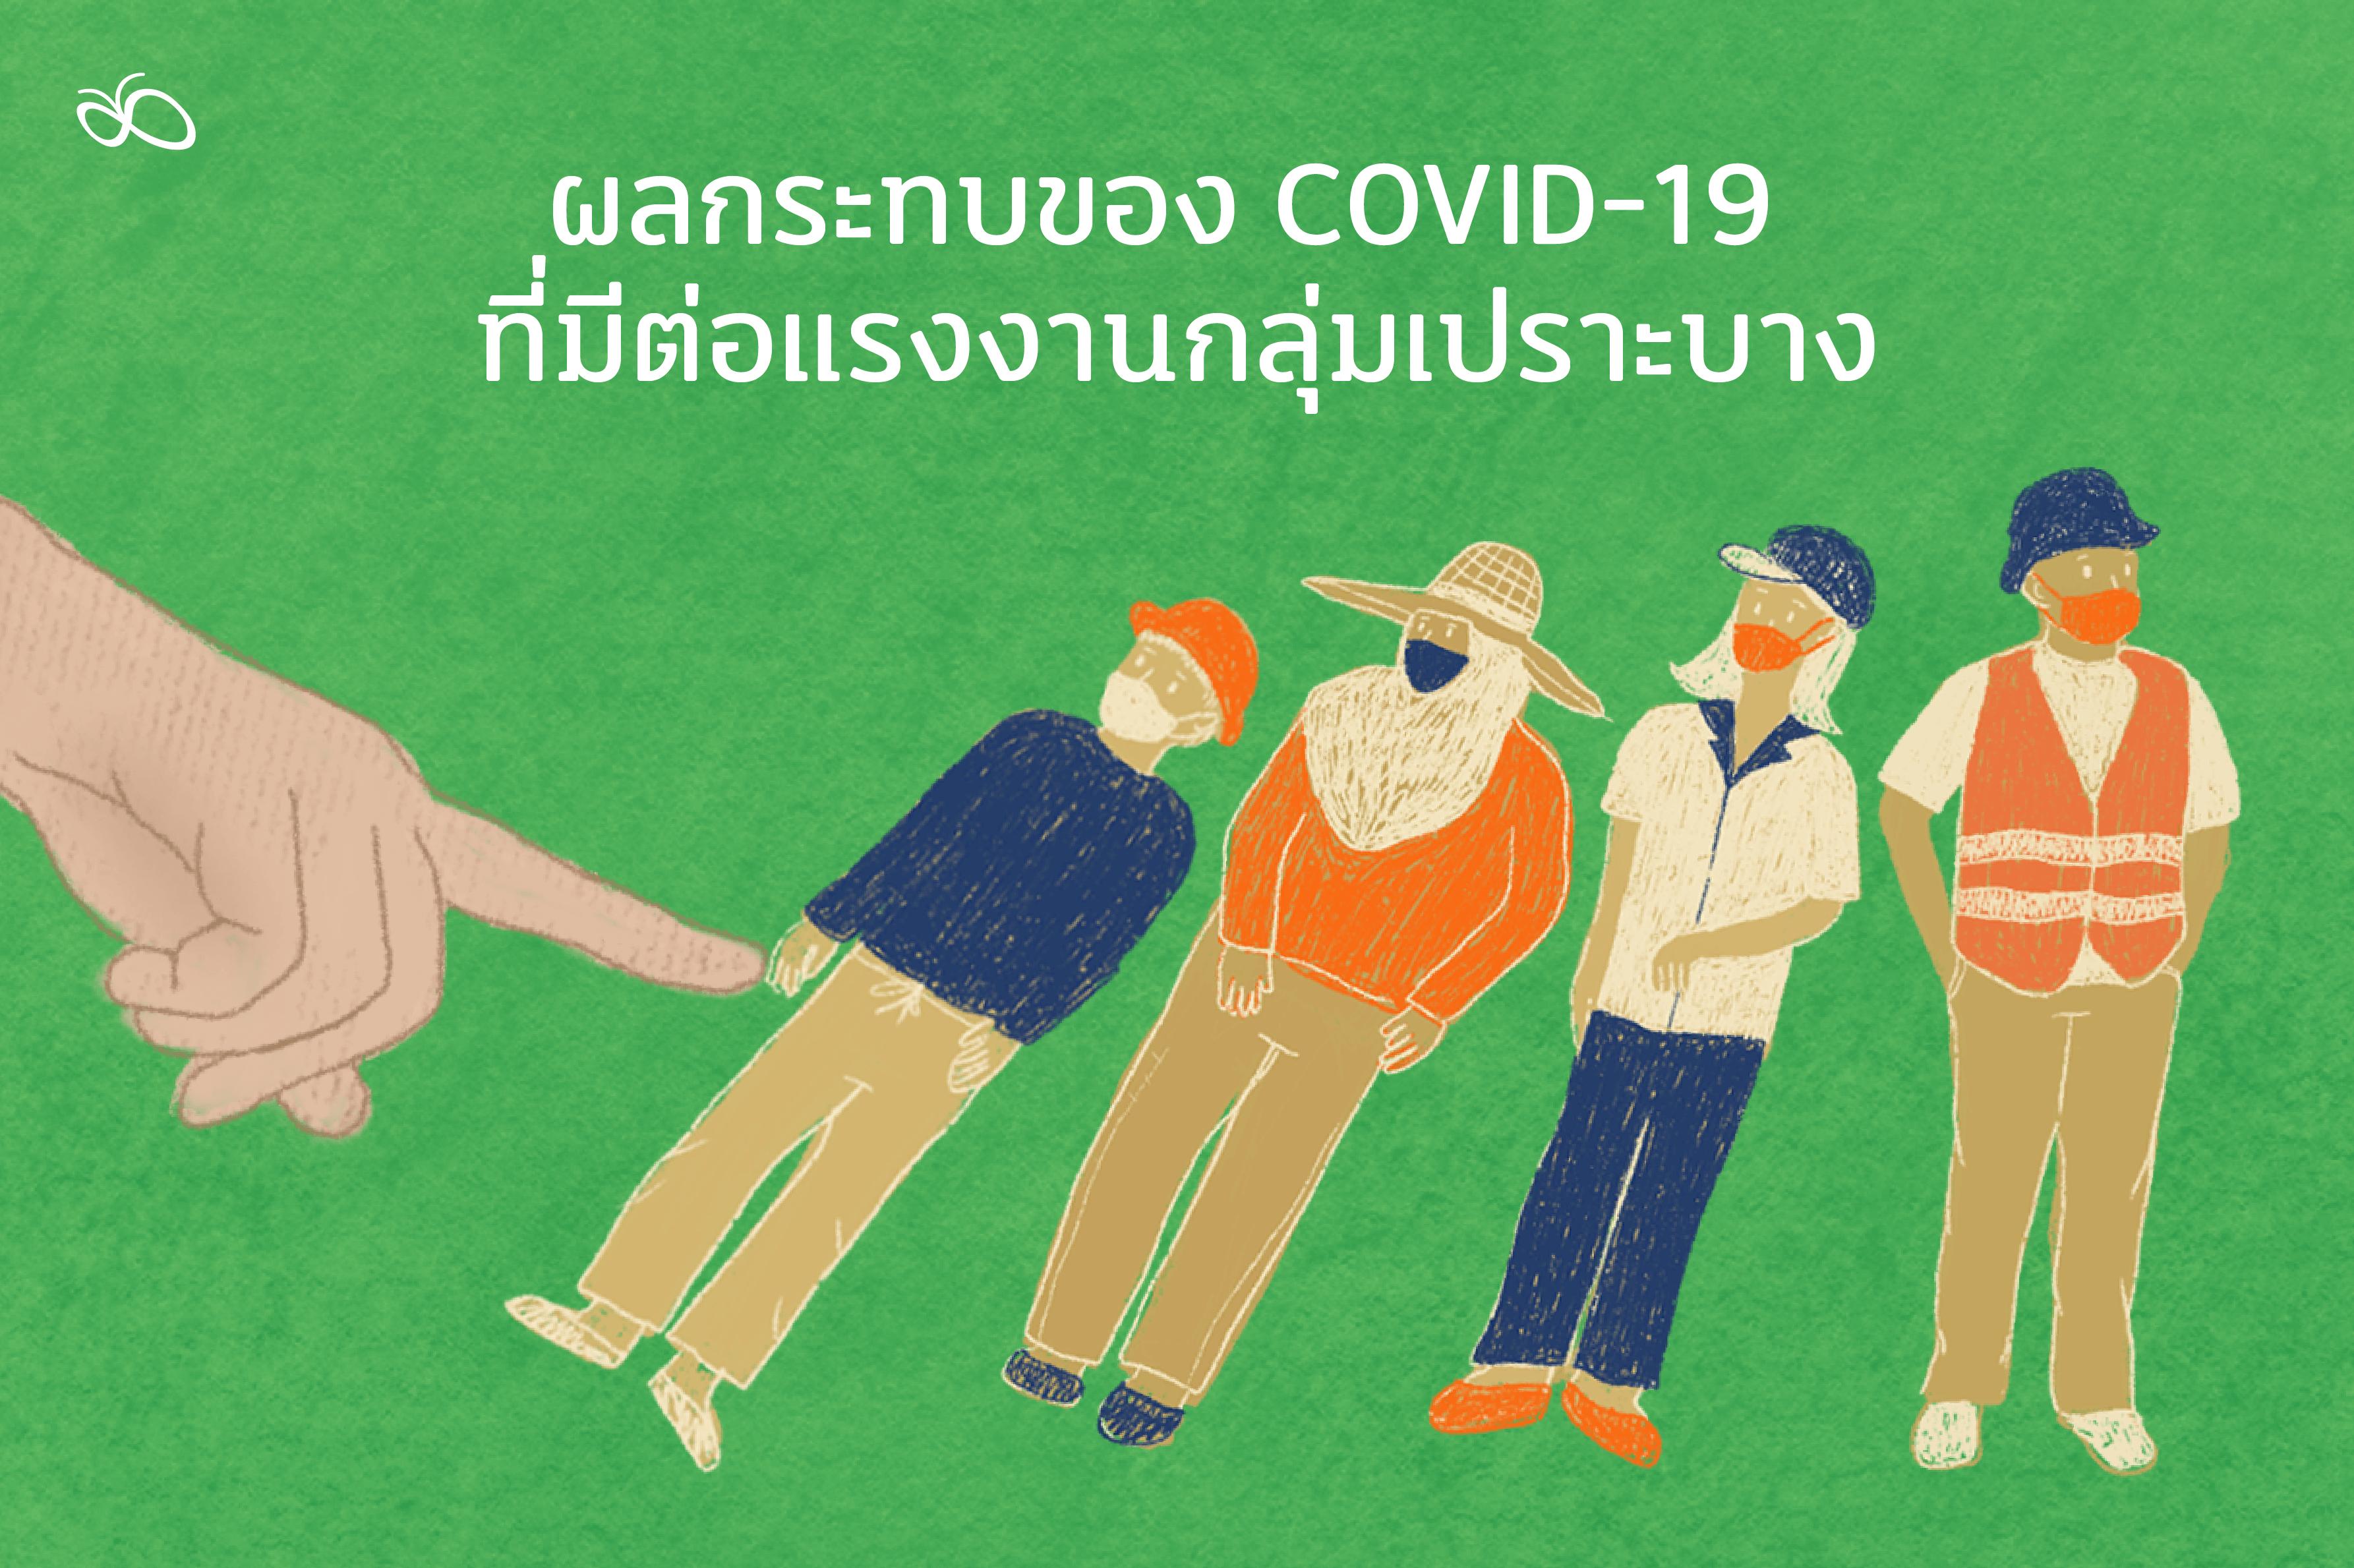 ผลกระทบของ COVID-19 ที่มีต่อแรงงานกลุ่มเปราะบาง